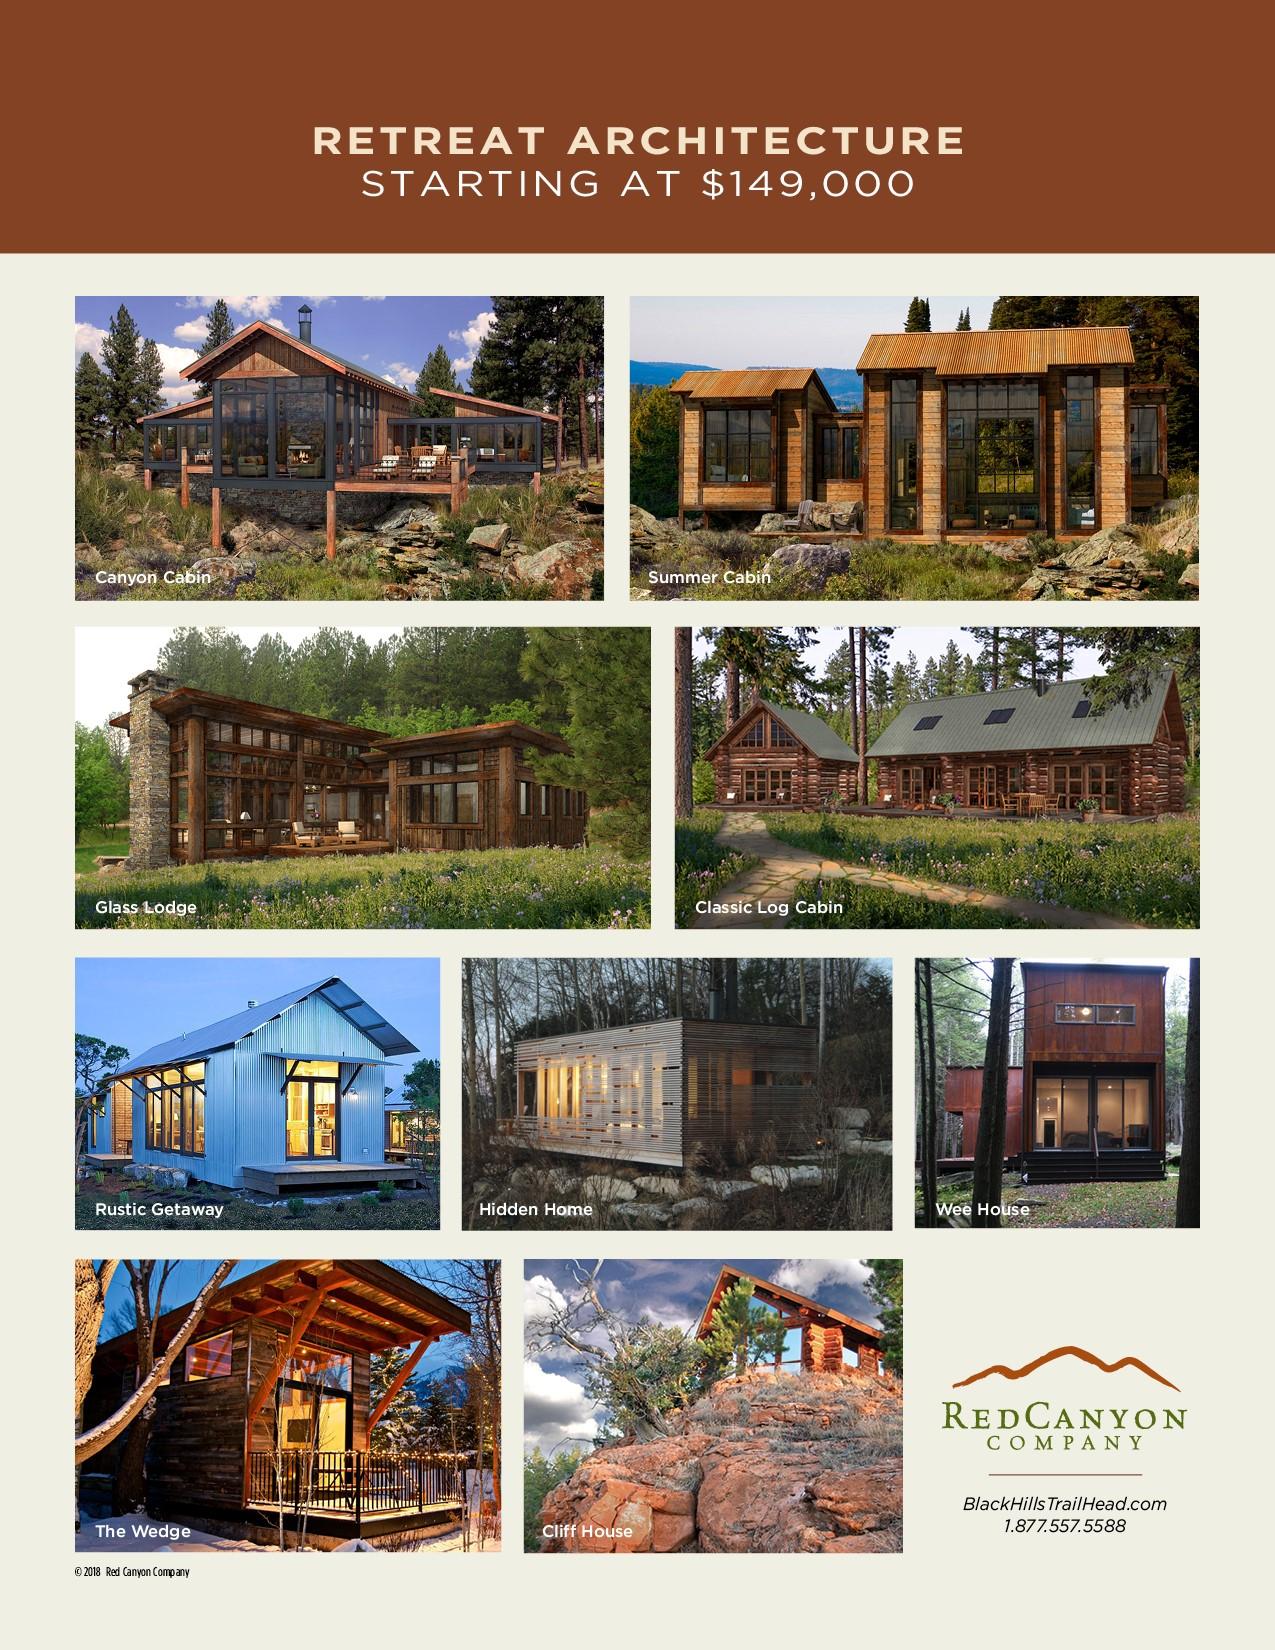 Retreat-Architecture-149000